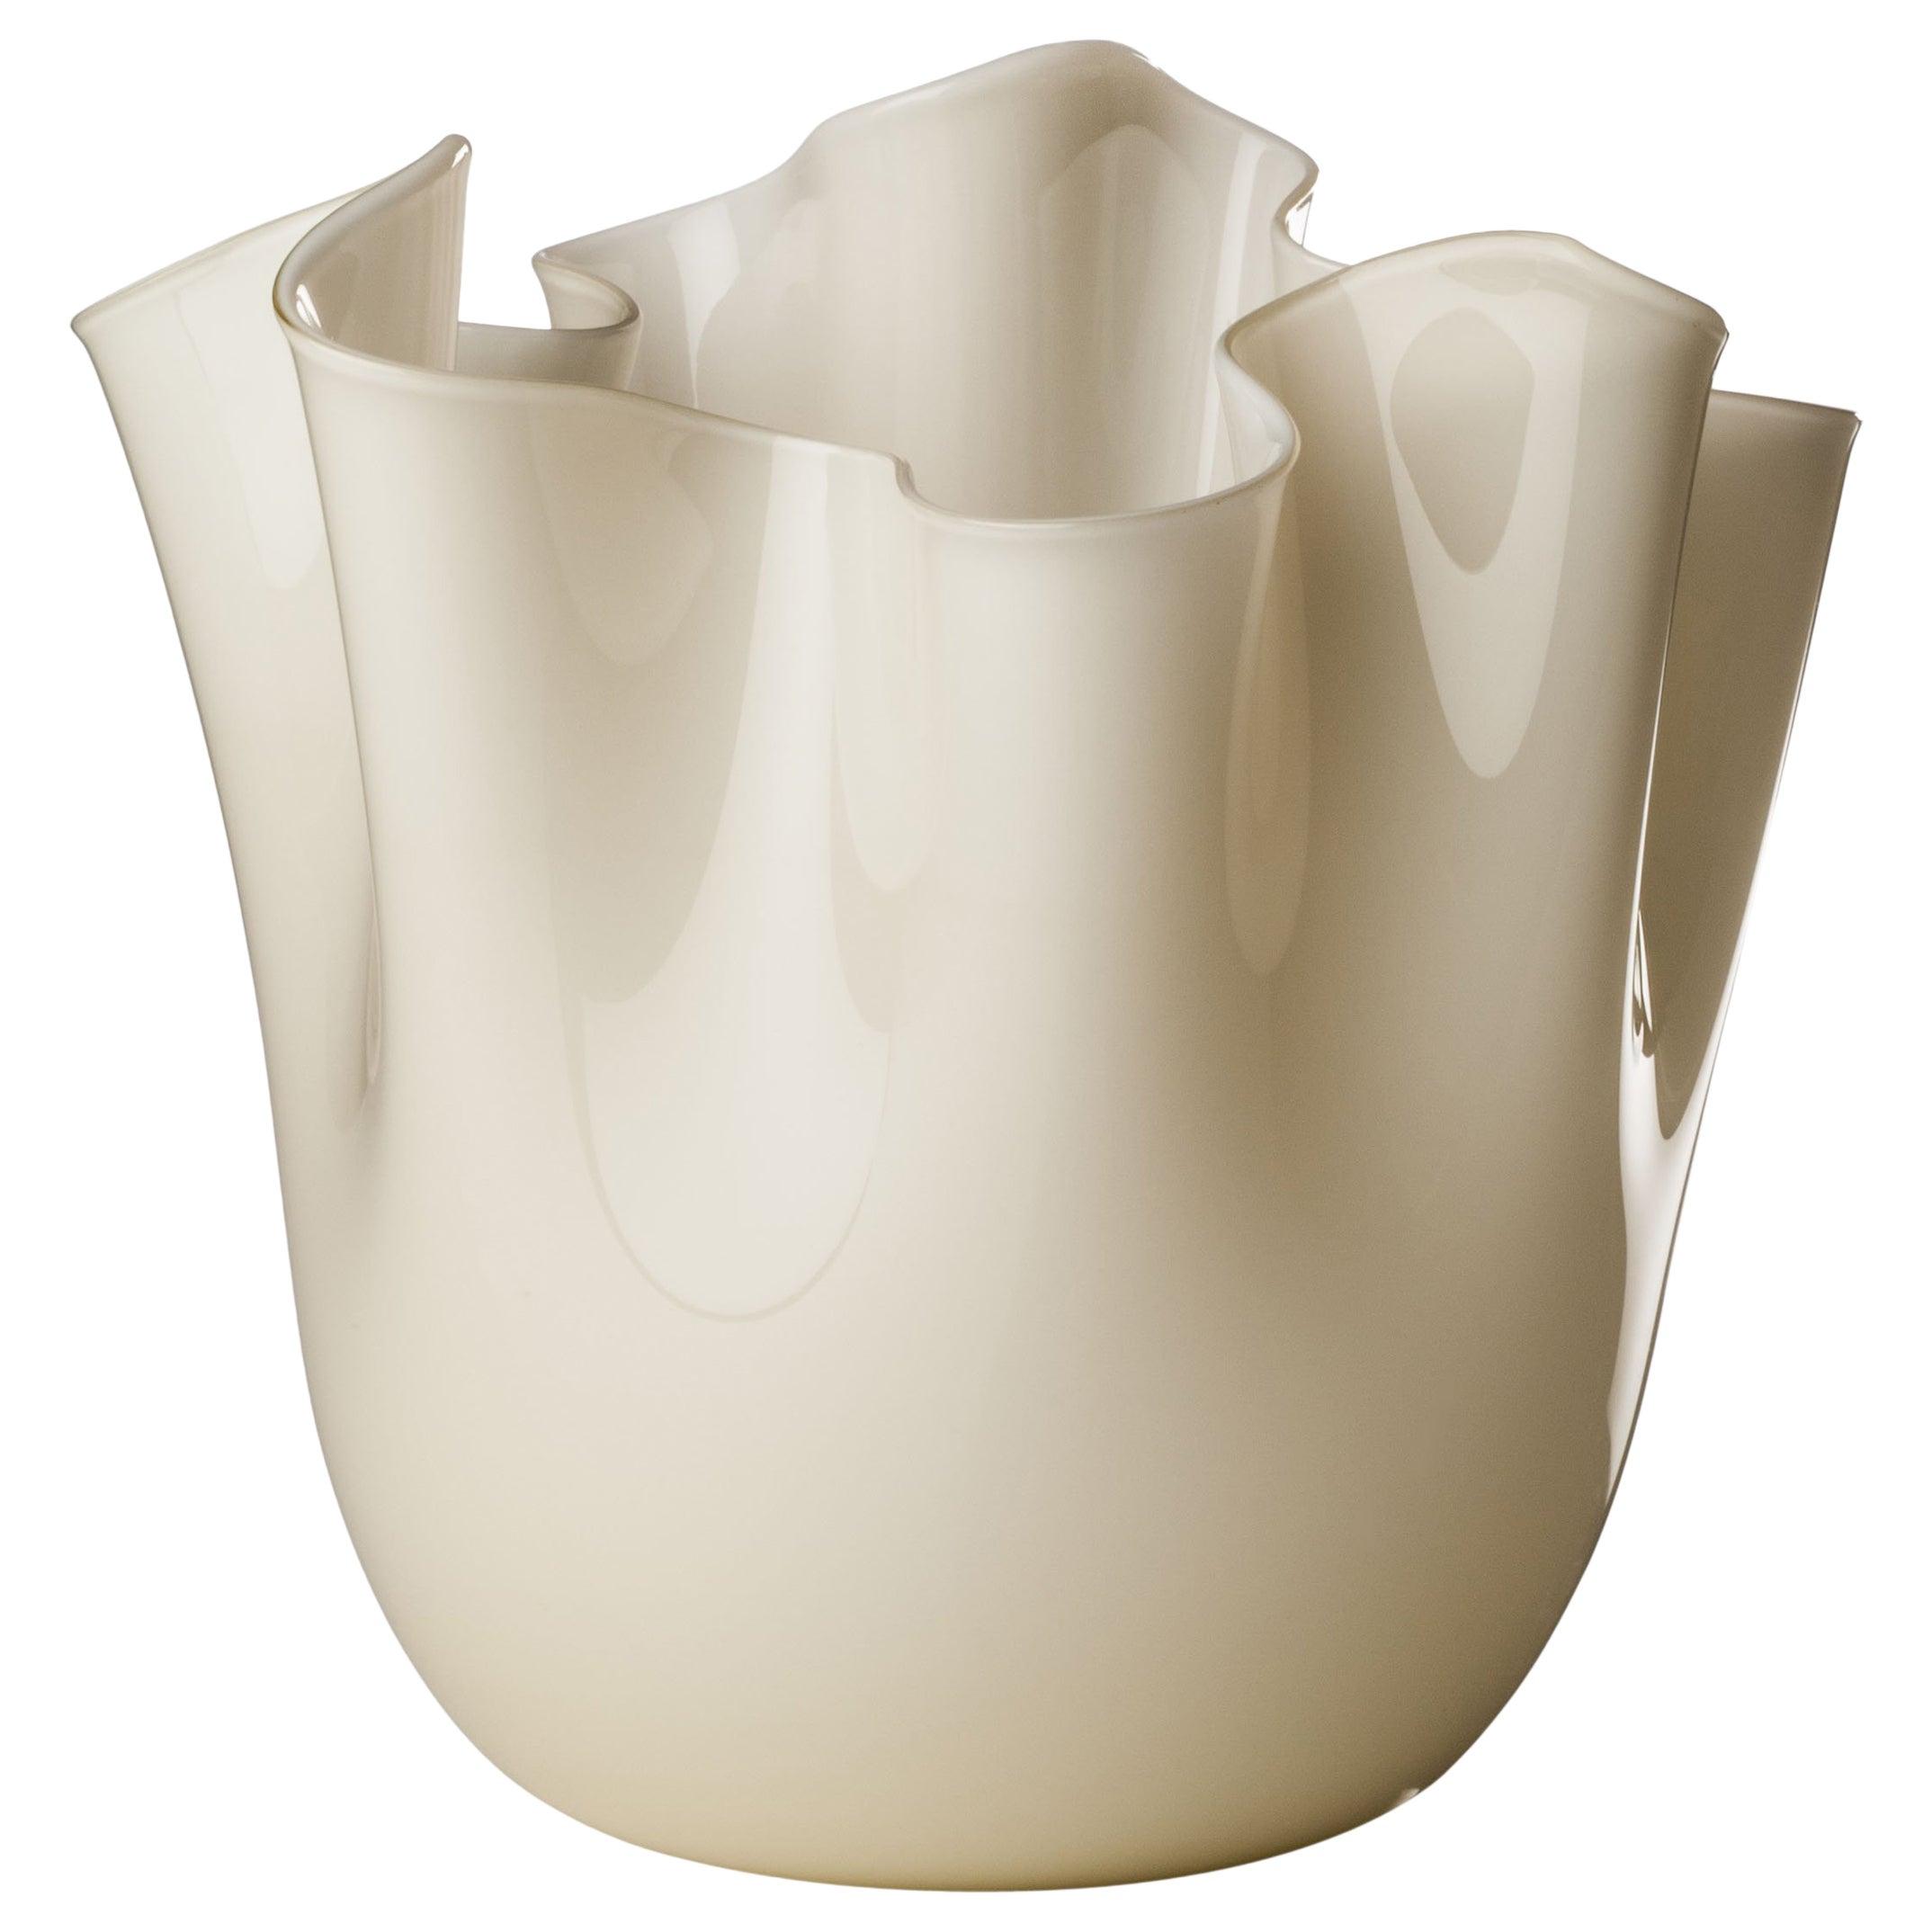 Venini Fazzoletto Large Vase in Milk White by Fulvio Bianconi & Paolo Venini